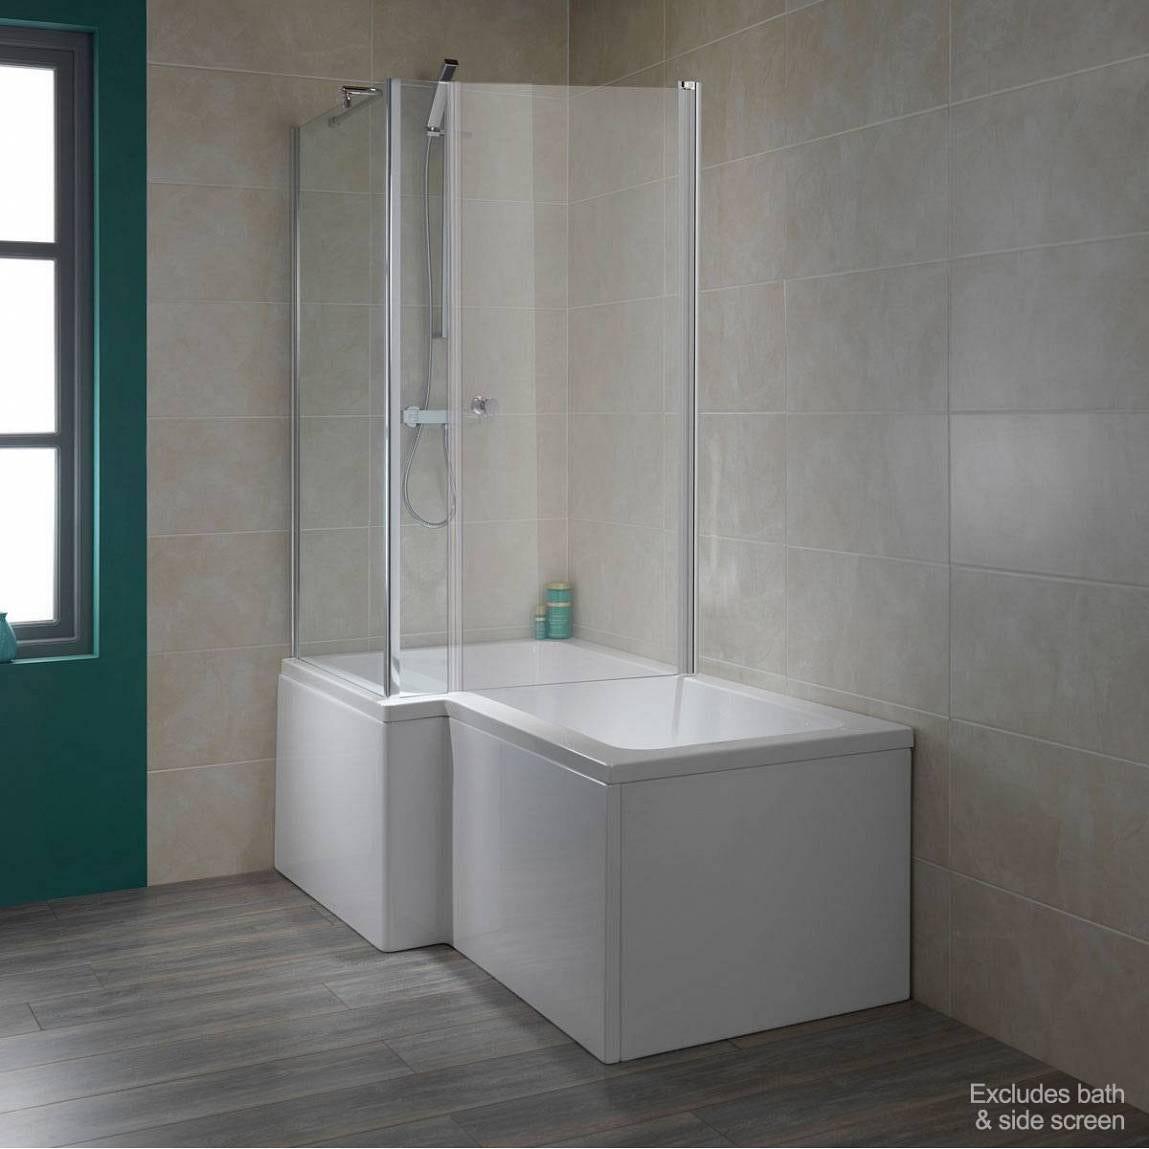 6mm Glass Door For Square Shaped Shower Bath Victoriaplum Com